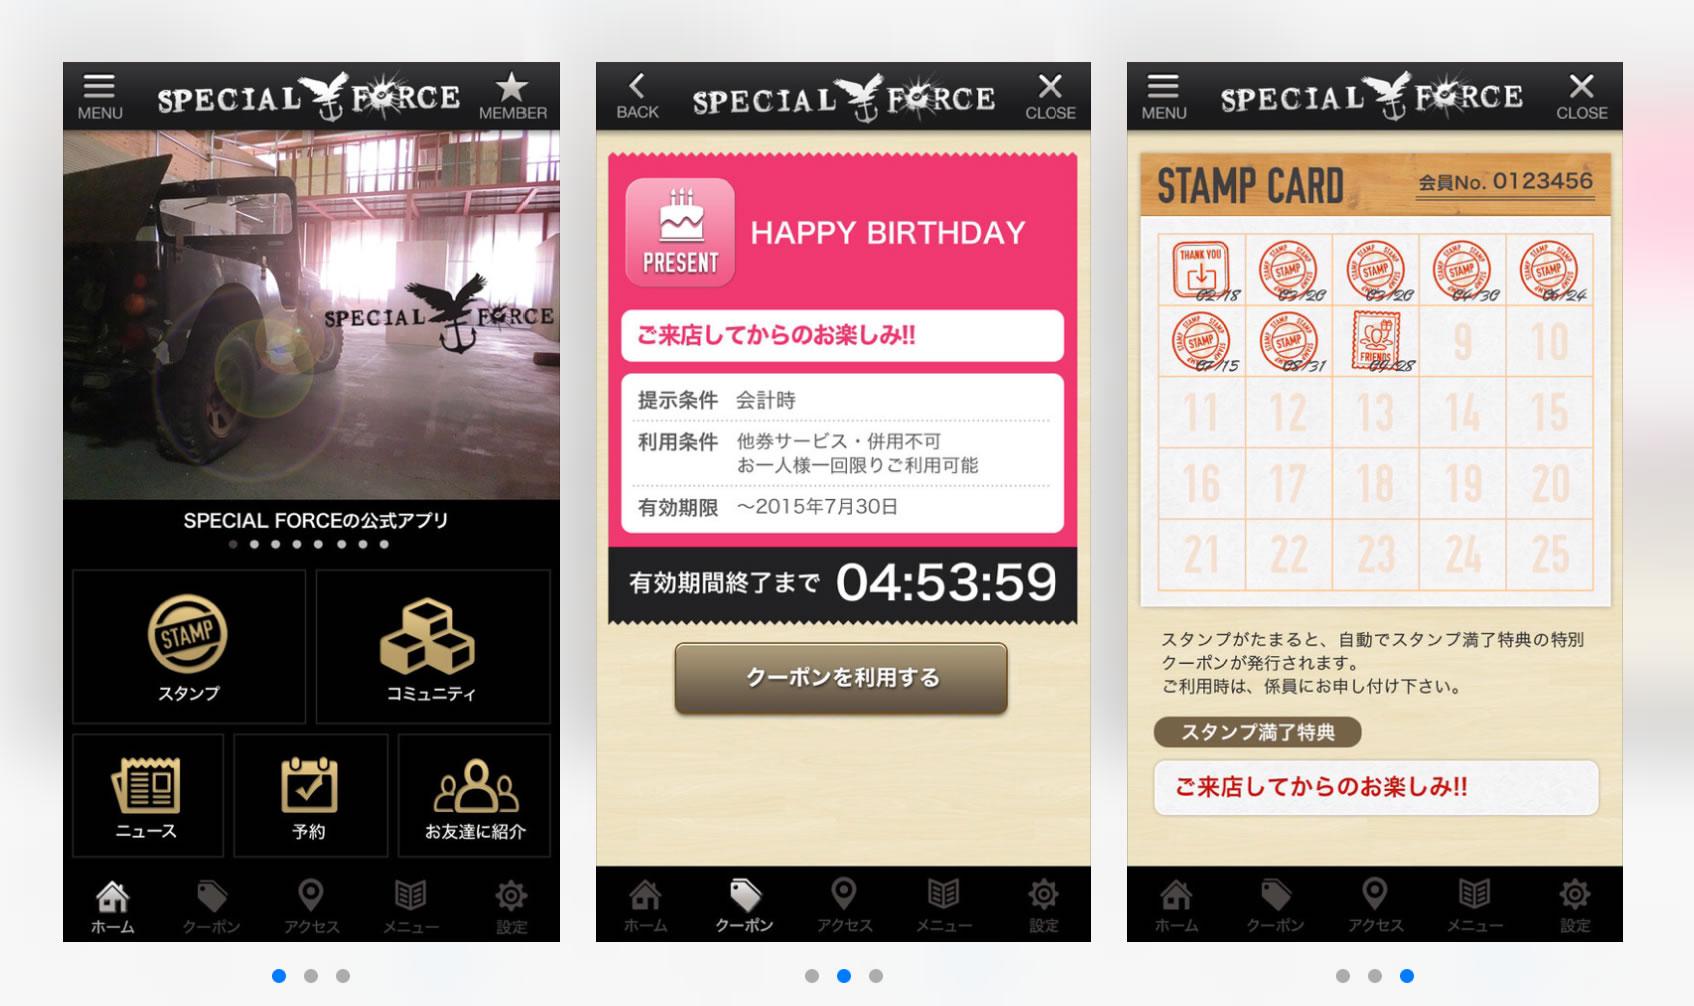 サバゲーフィールド 焼津スペシャルフォースの公式アプリがリリース!